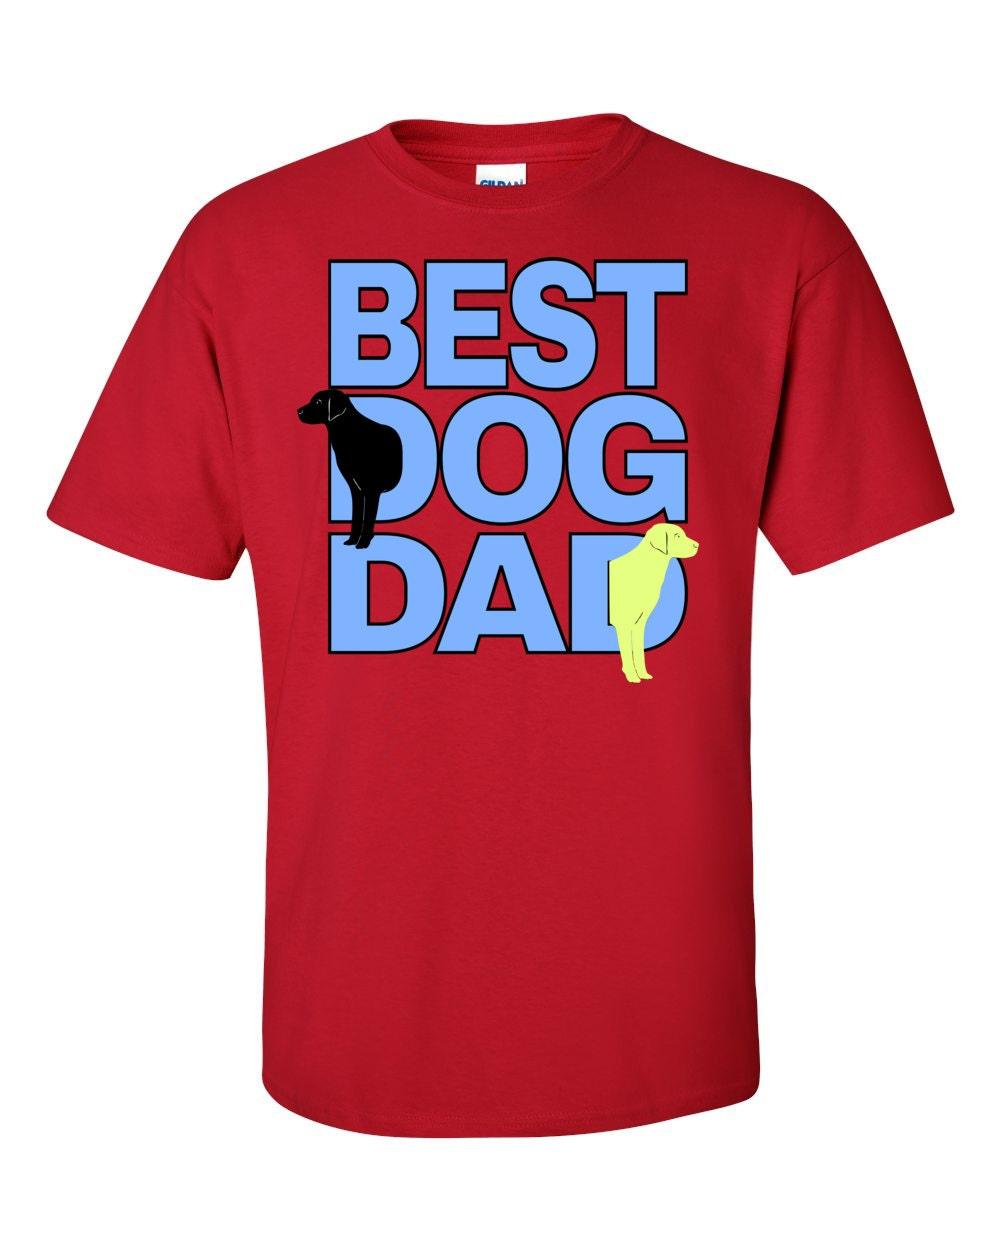 Best Dog Dad T-shirt